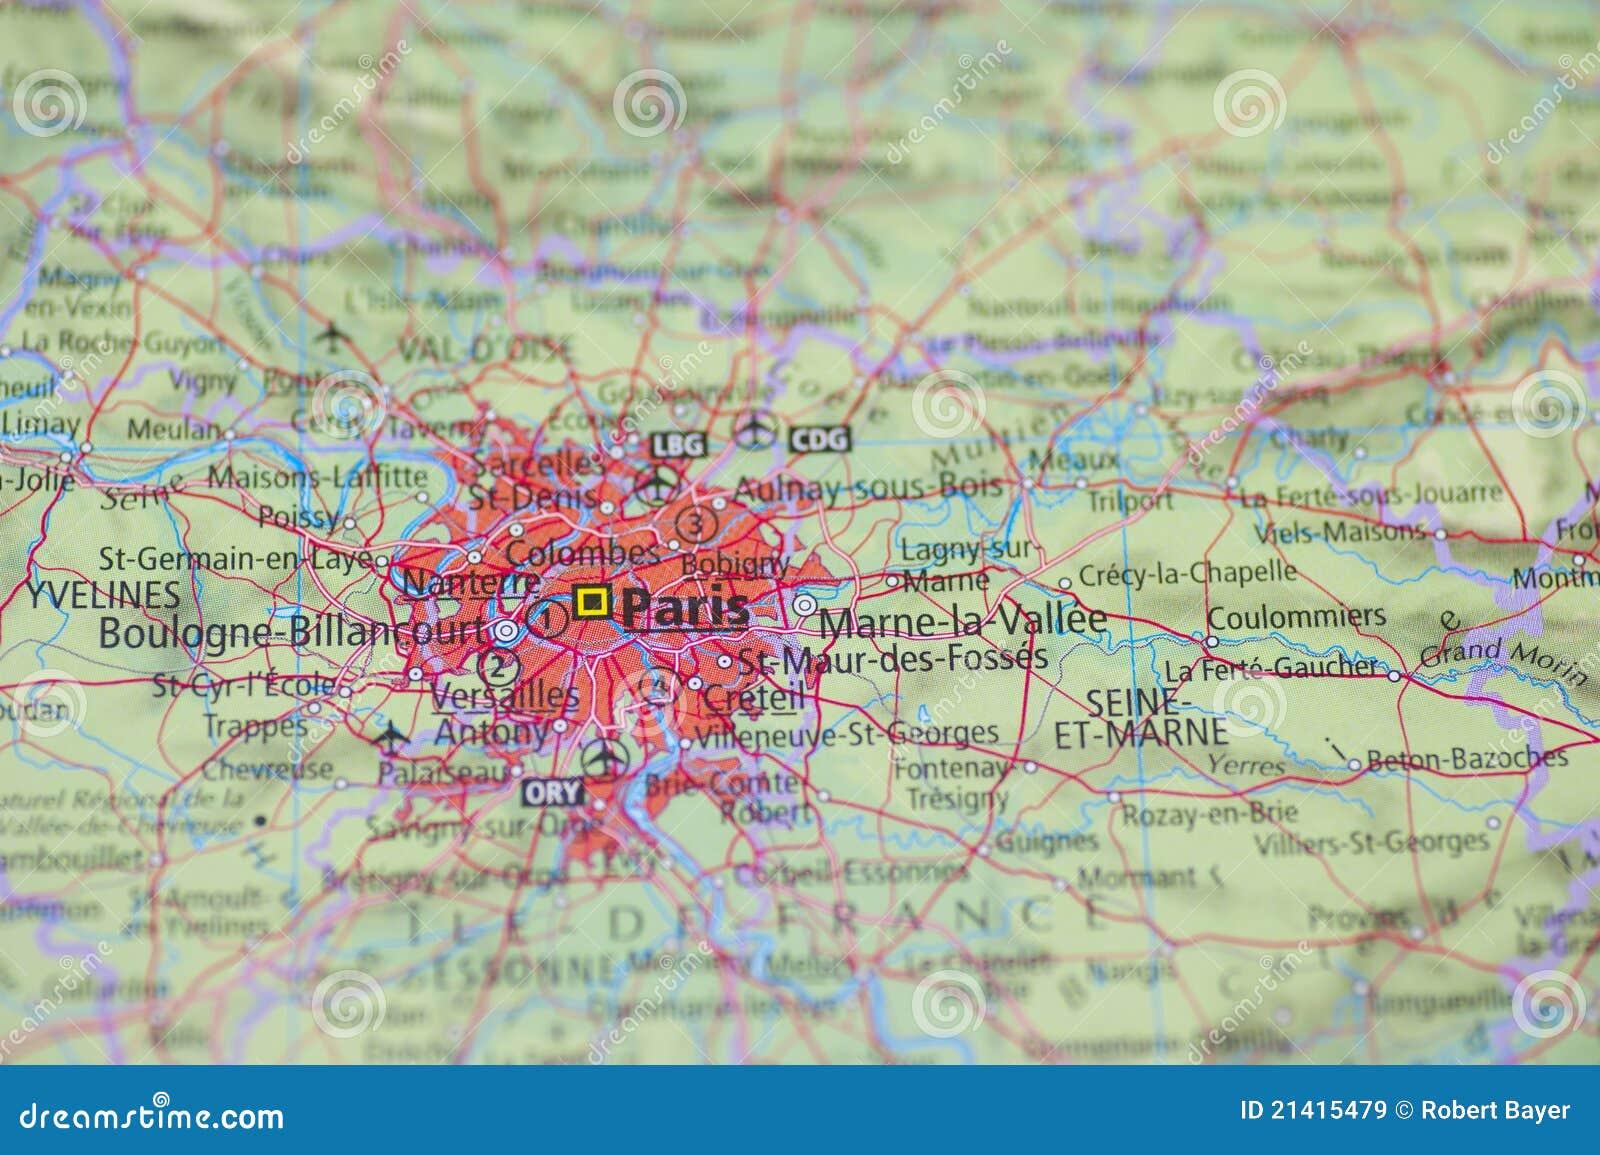 Old paris street map royalty free stock photo image 15885665 - De Kaart Parijs Van De Atlas Royalty Vrije Stock Afbeeldingen